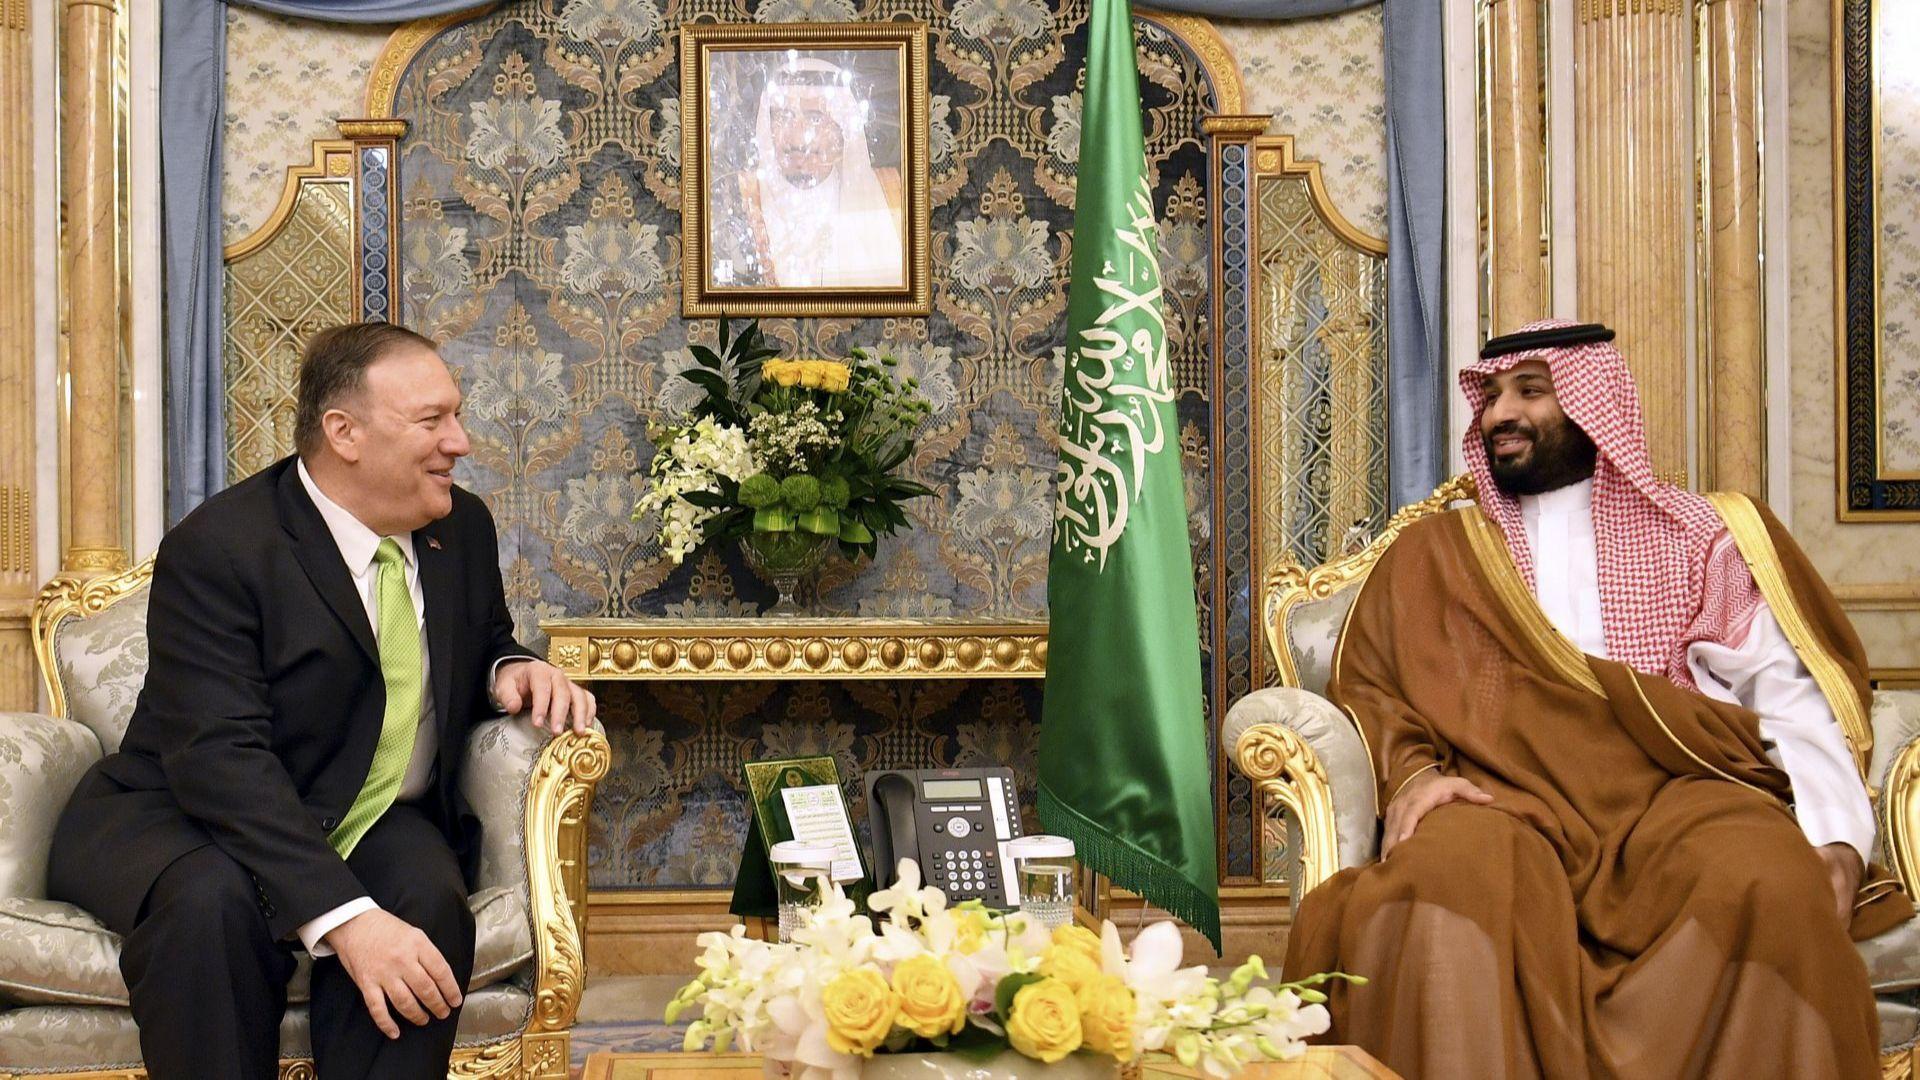 Помпейо пред принц Салман: САЩ подкрепят Саудитска Арабия да се защитава